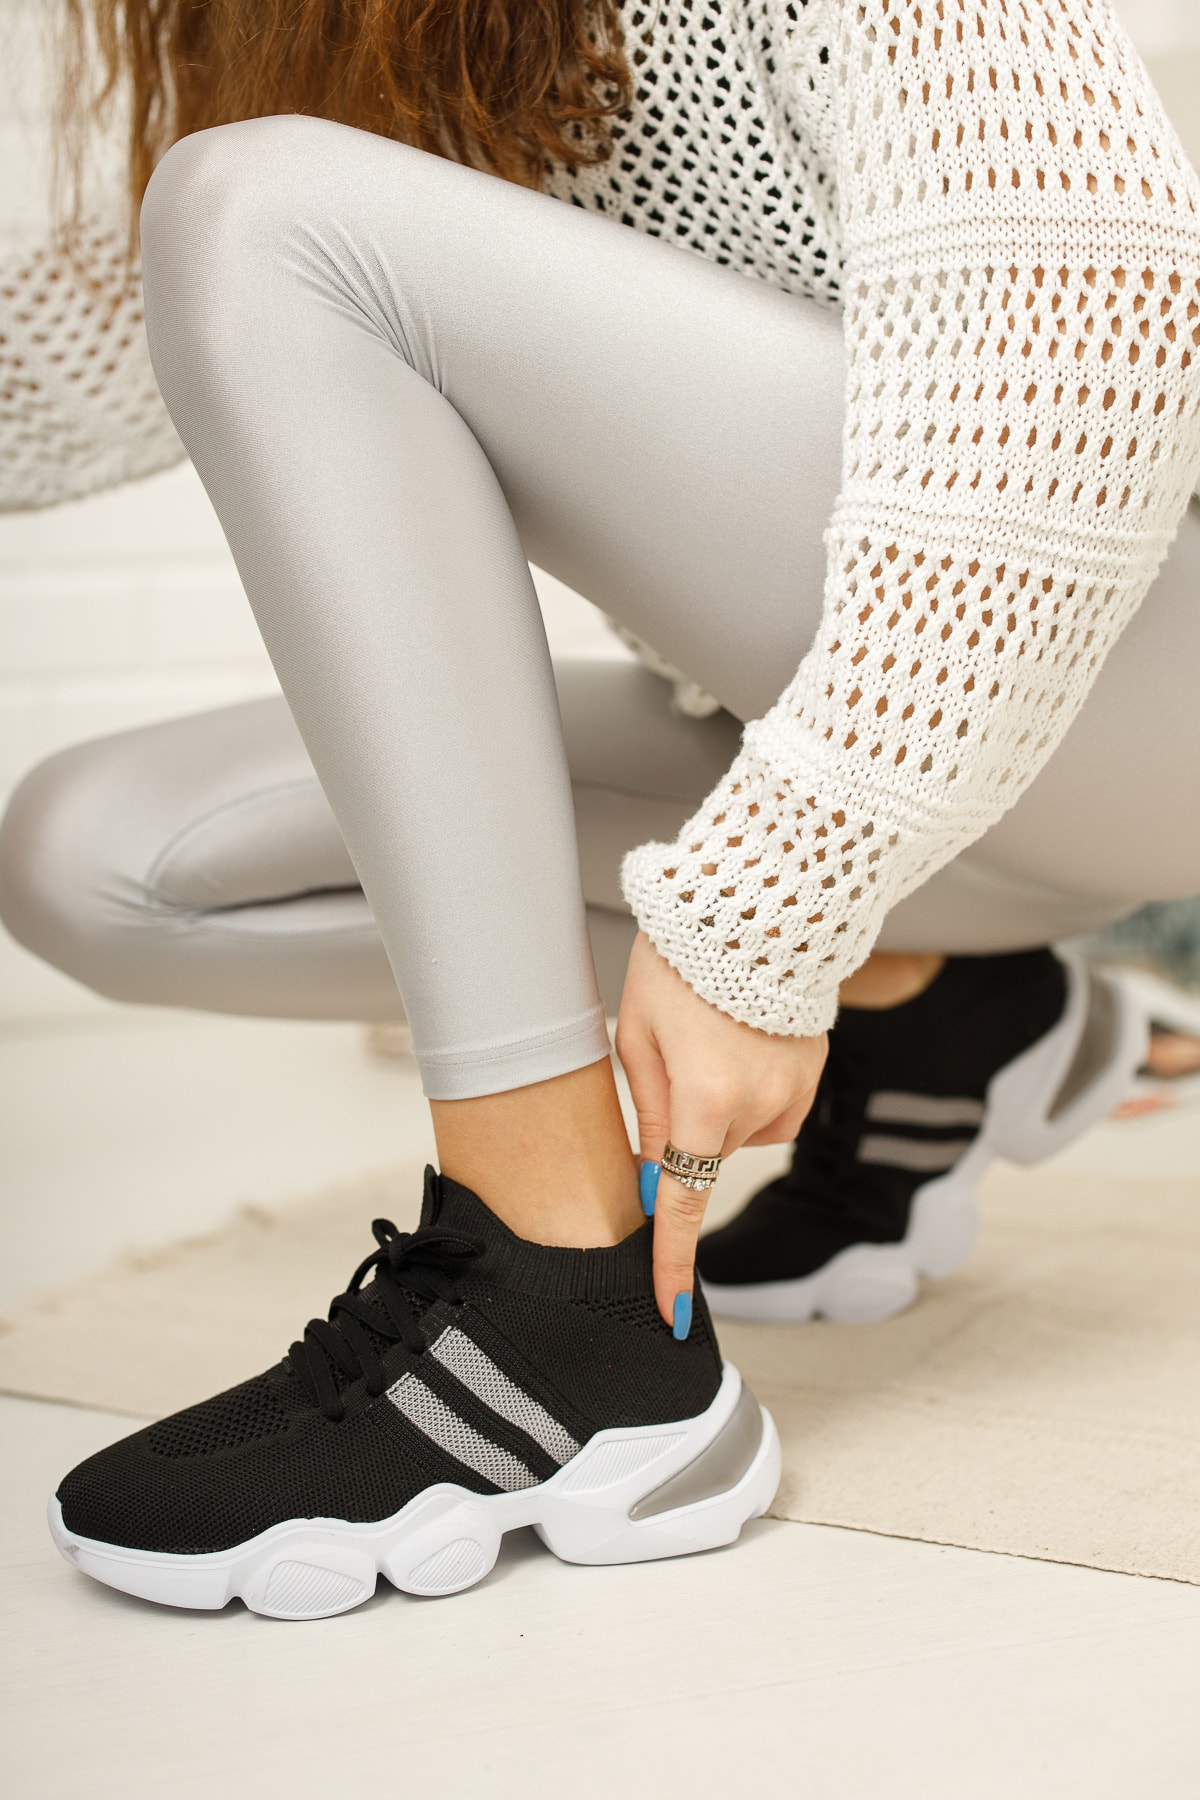 meyra'nın ayakkabıları Kadın Siyah Triko Sneakar 2